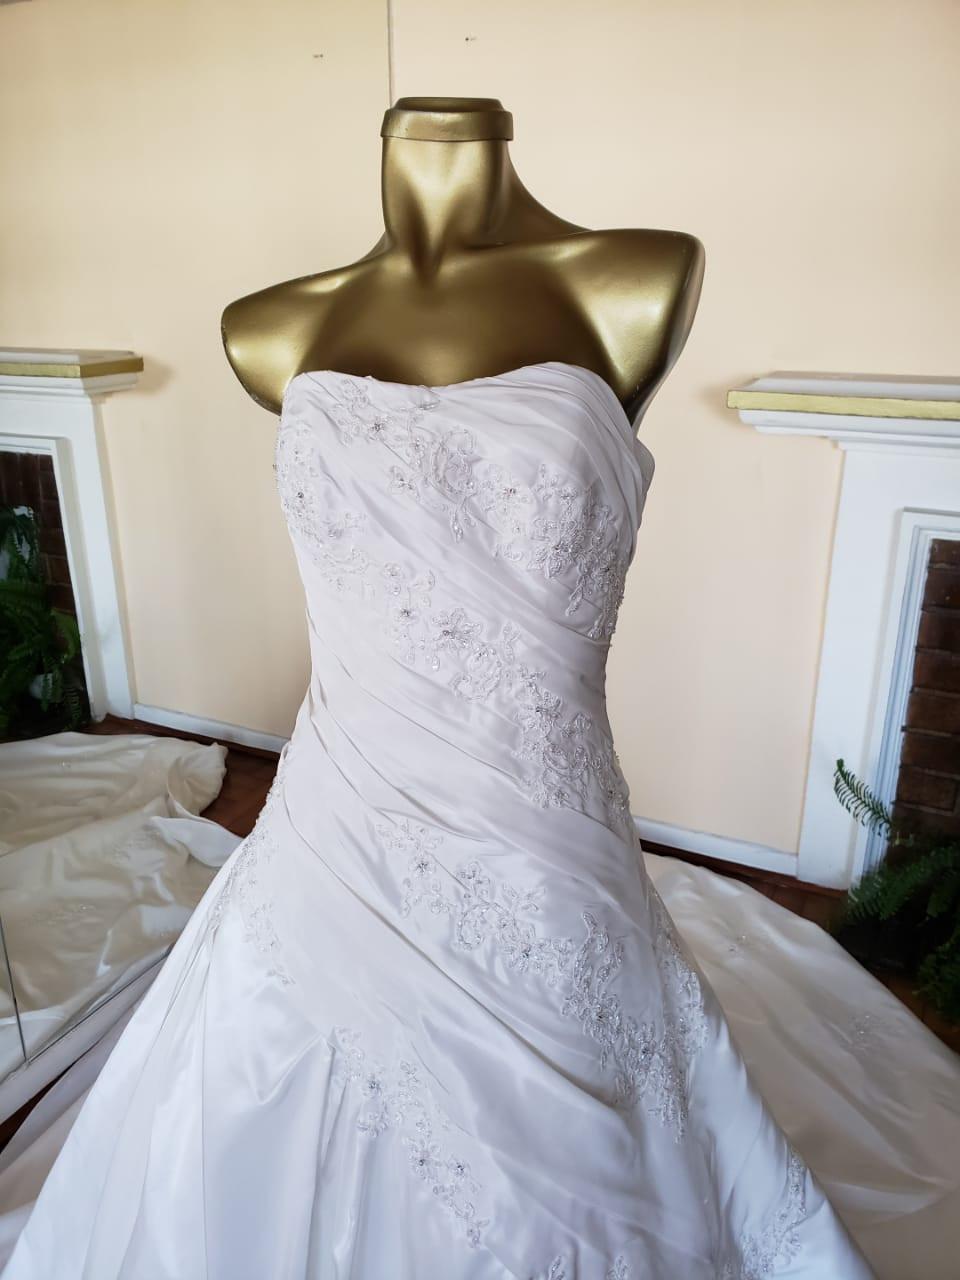 Tintoreria vestido novia precio